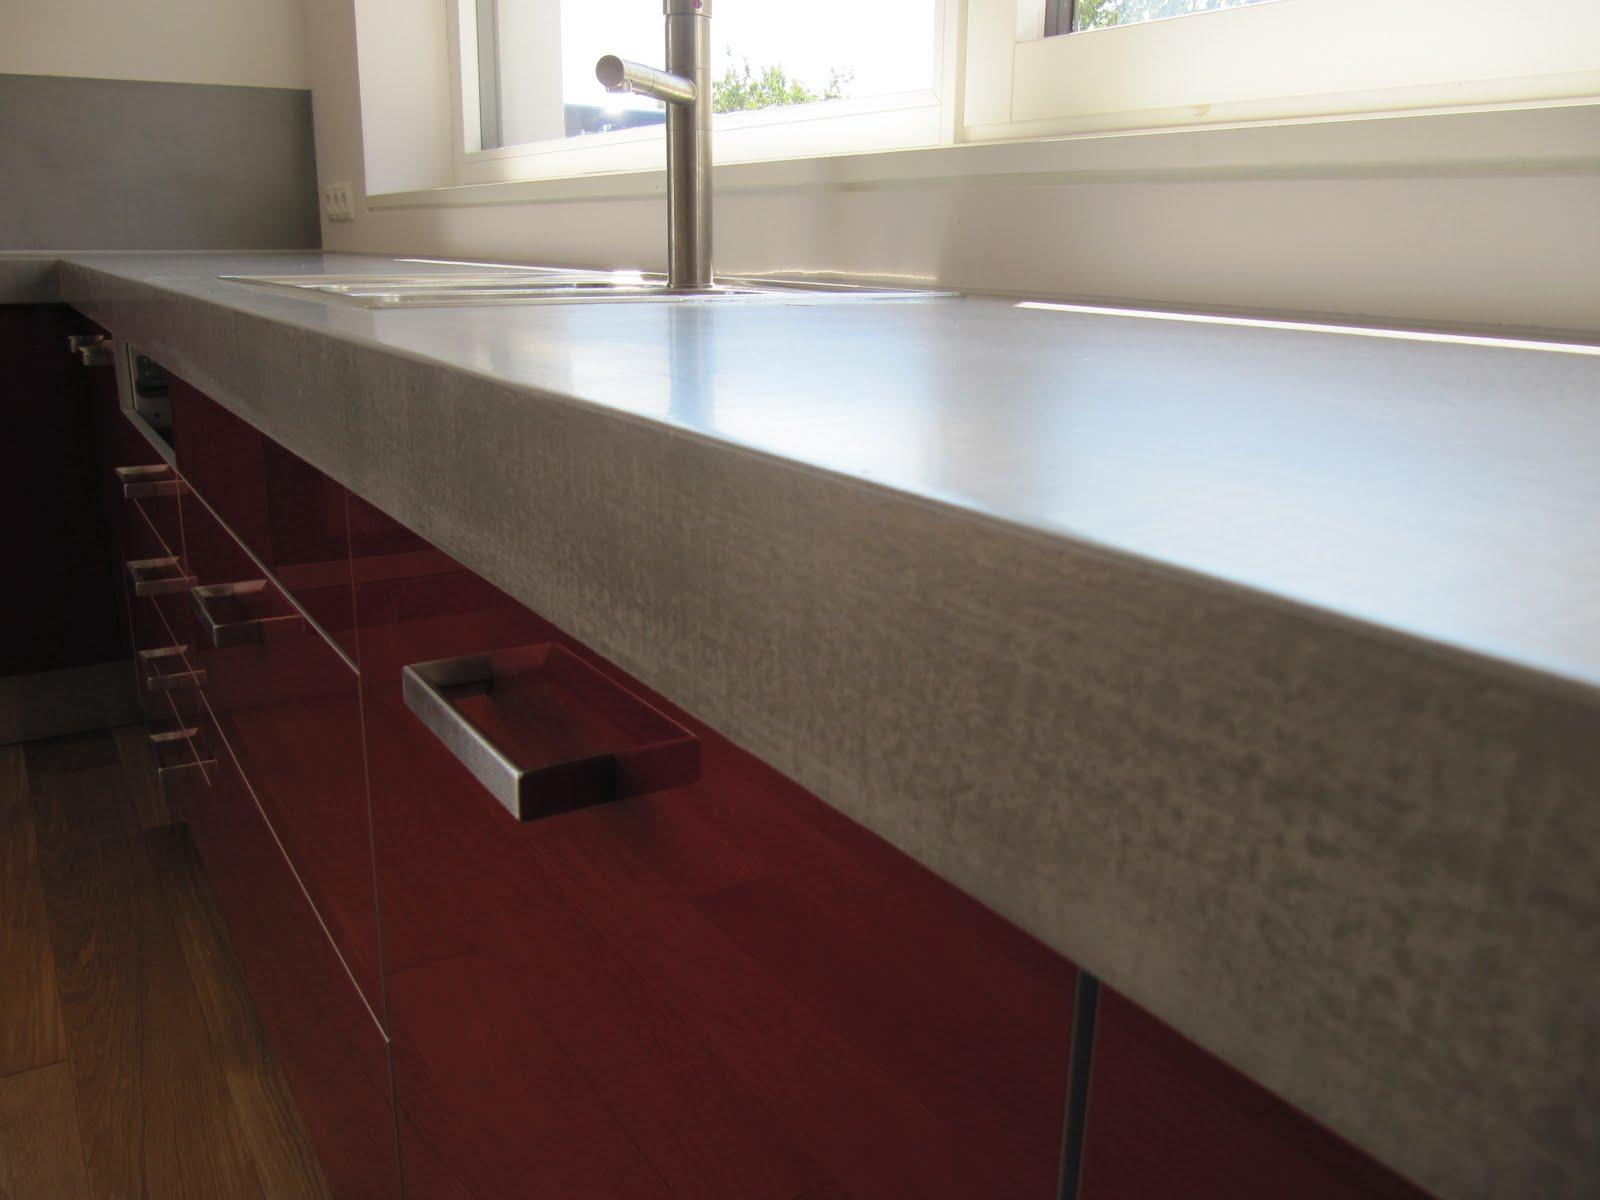 Küchenarbeitsplatte Aus Beton erfreut küchenarbeitsplatte aus beton fotos das beste